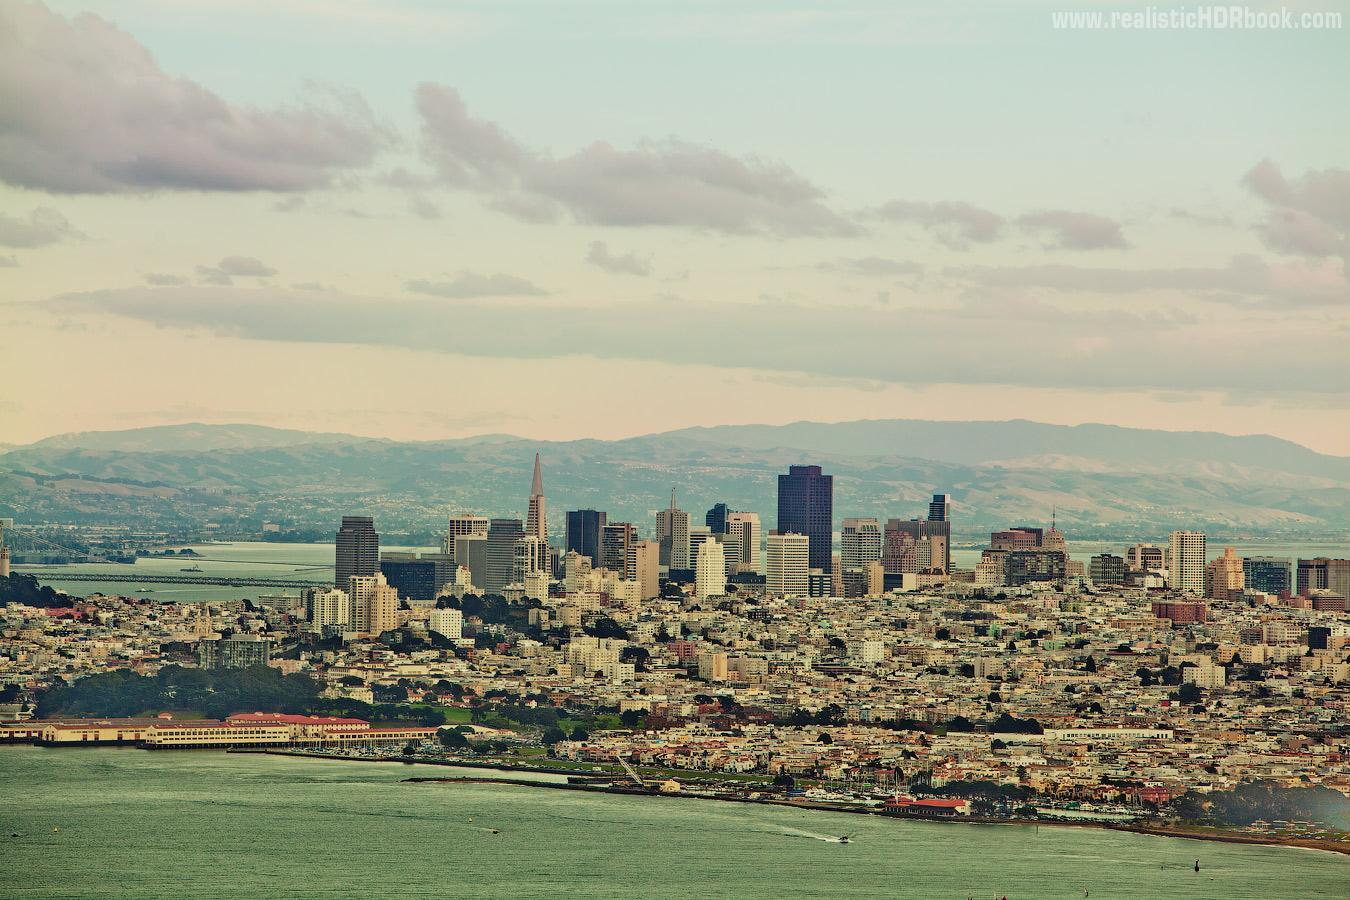 Photo: The beautiful city by Alex Koloskov. www.RealisticHDRbook.com